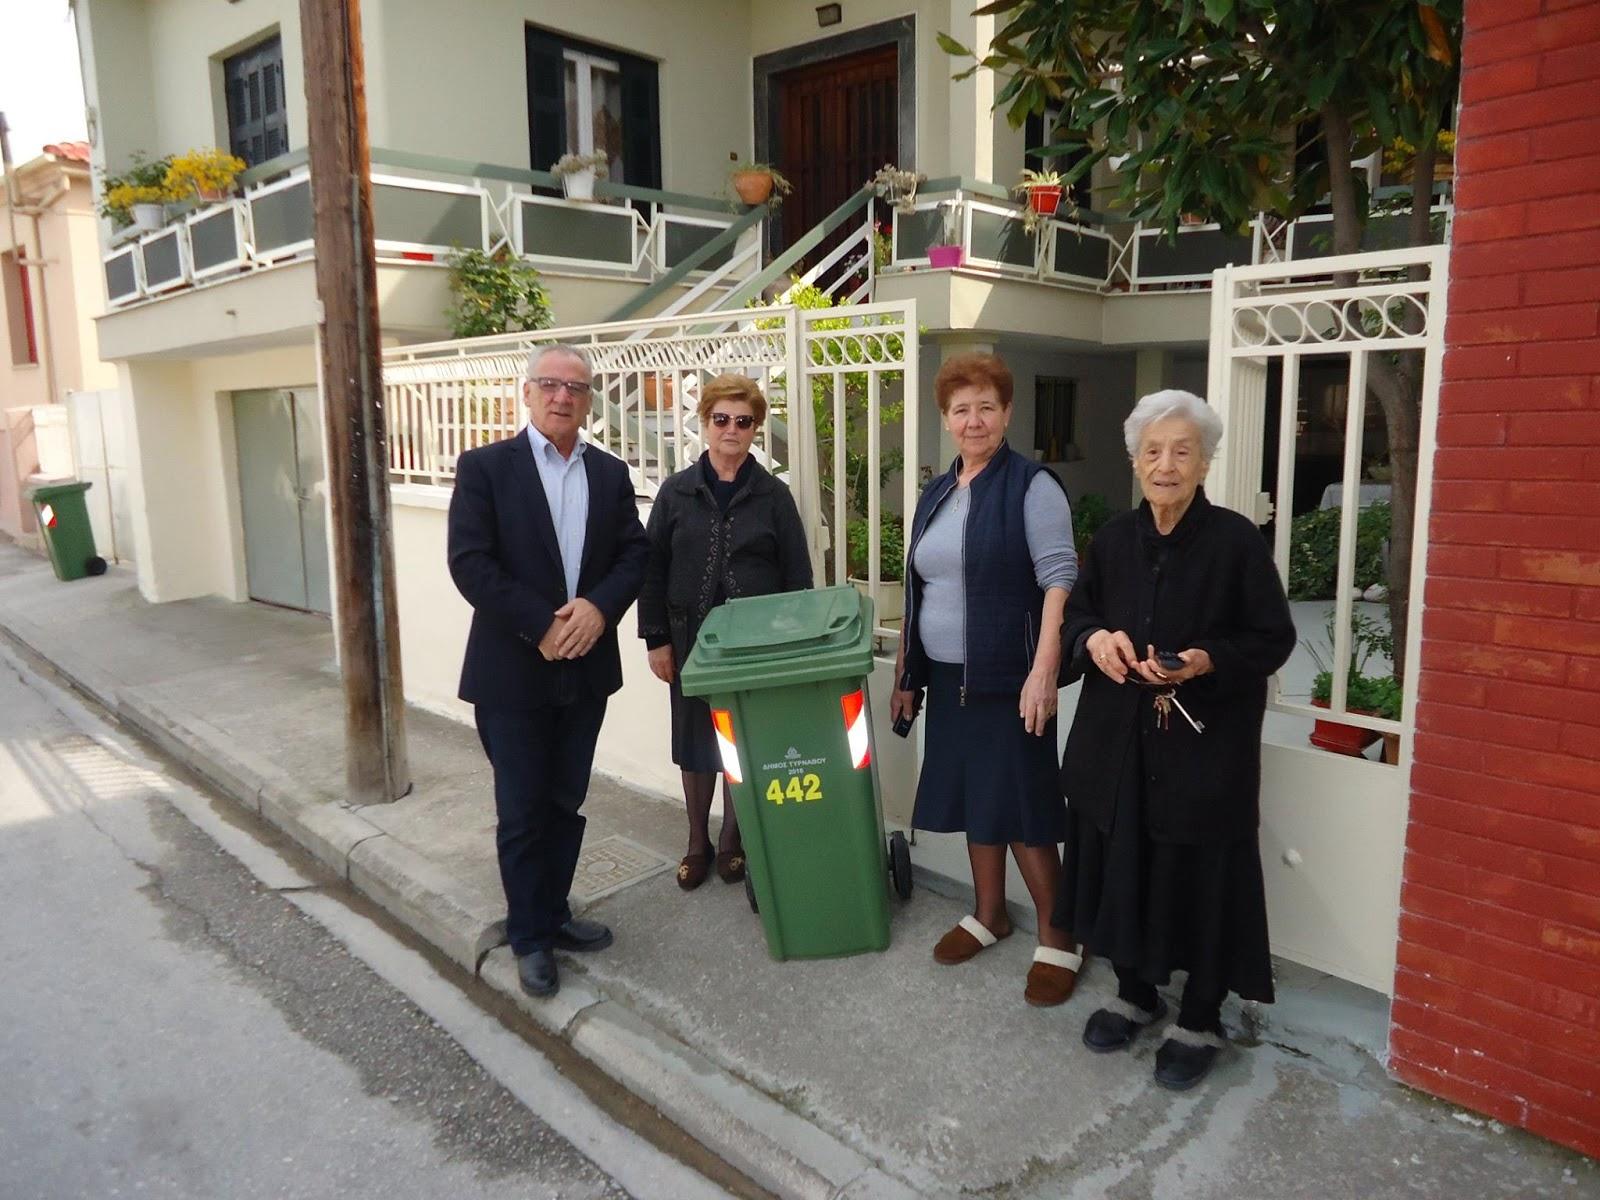 Ατομικοί κάδοι απορριμμάτων στο Δήμο Τυρνάβου